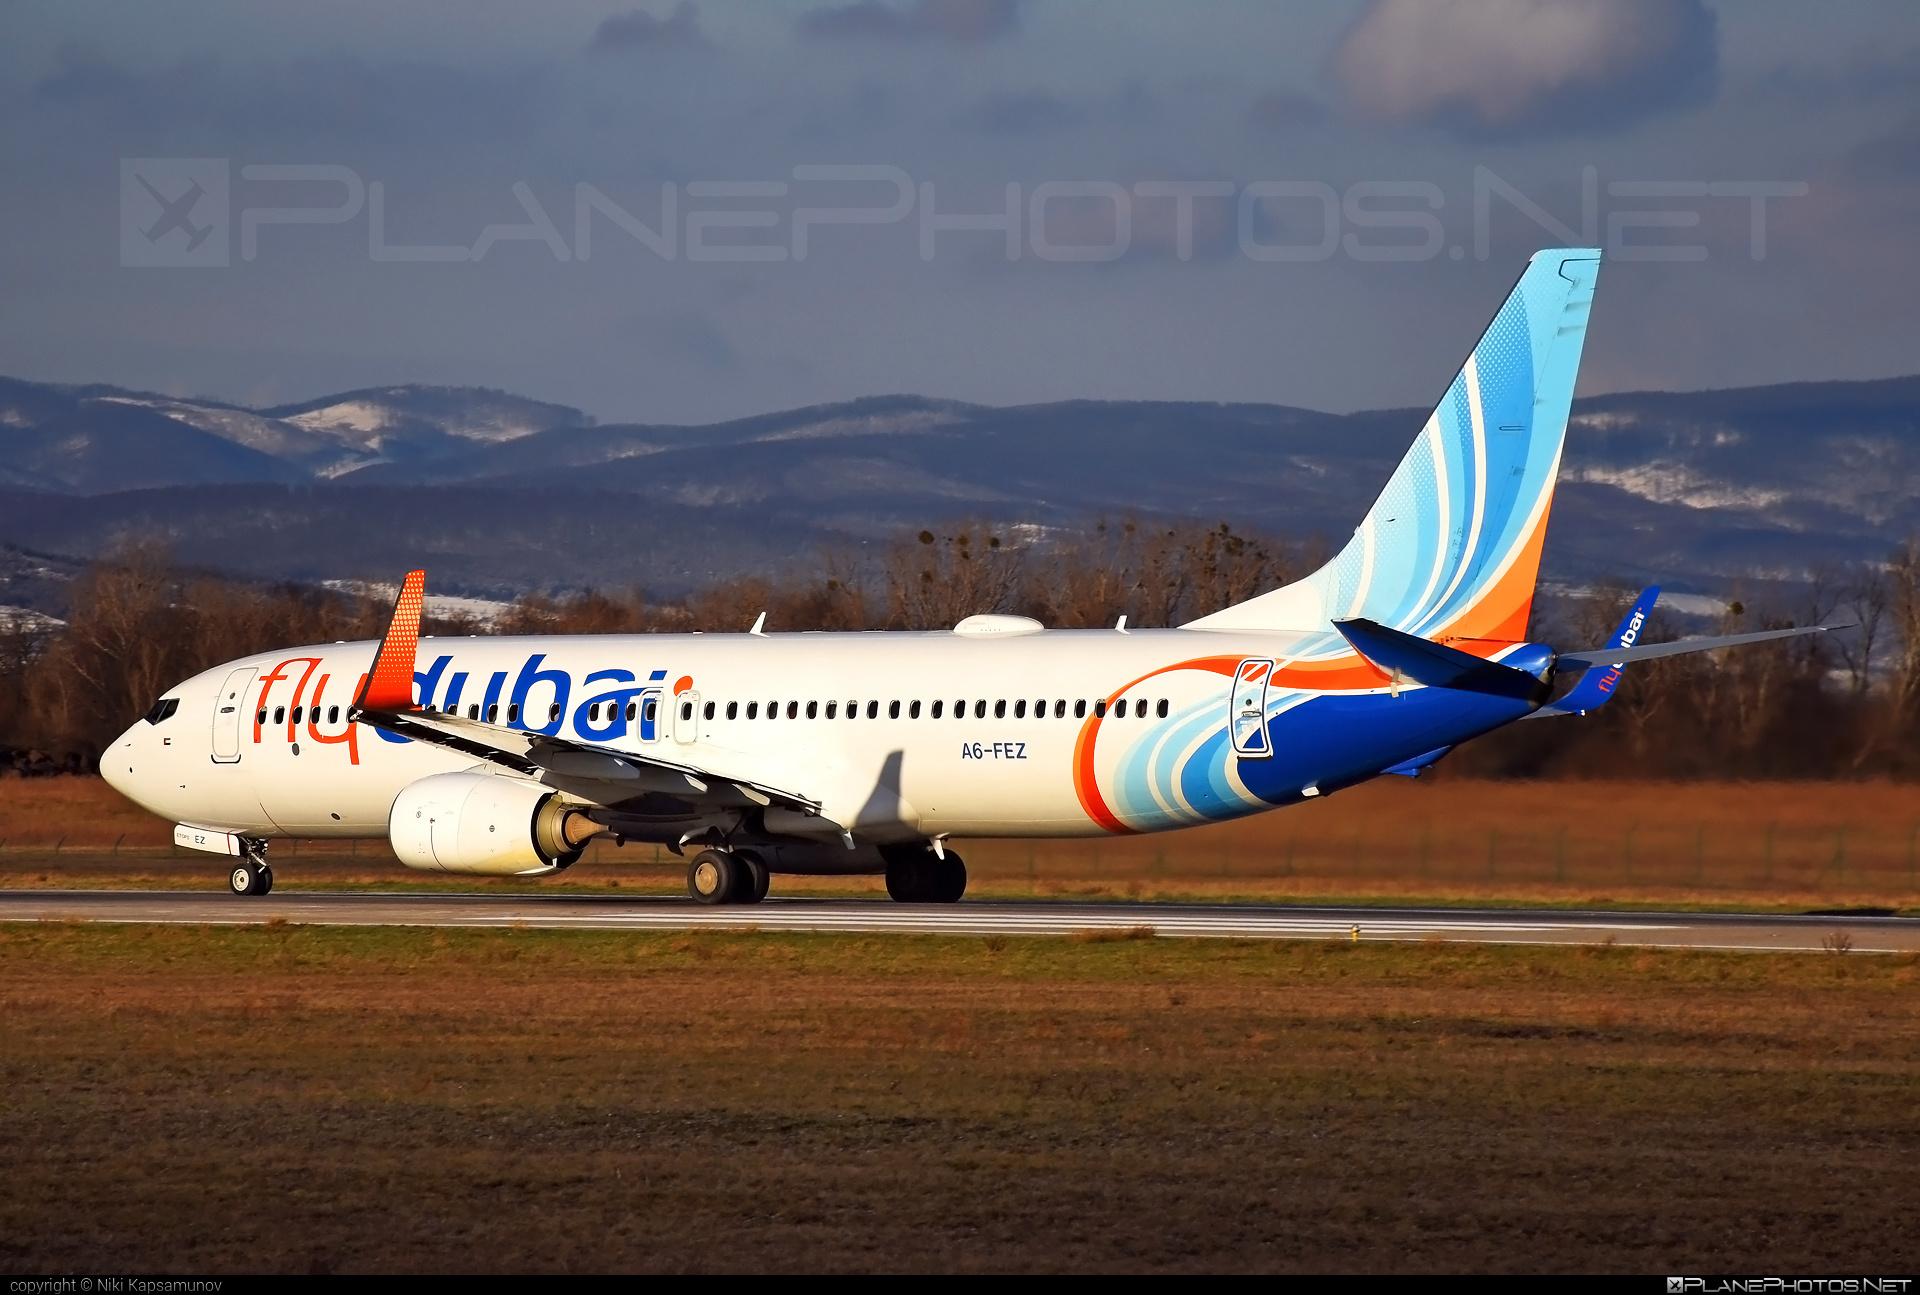 Boeing 737-800 - A6-FEZ operated by flydubai #b737 #b737nextgen #b737ng #boeing #boeing737